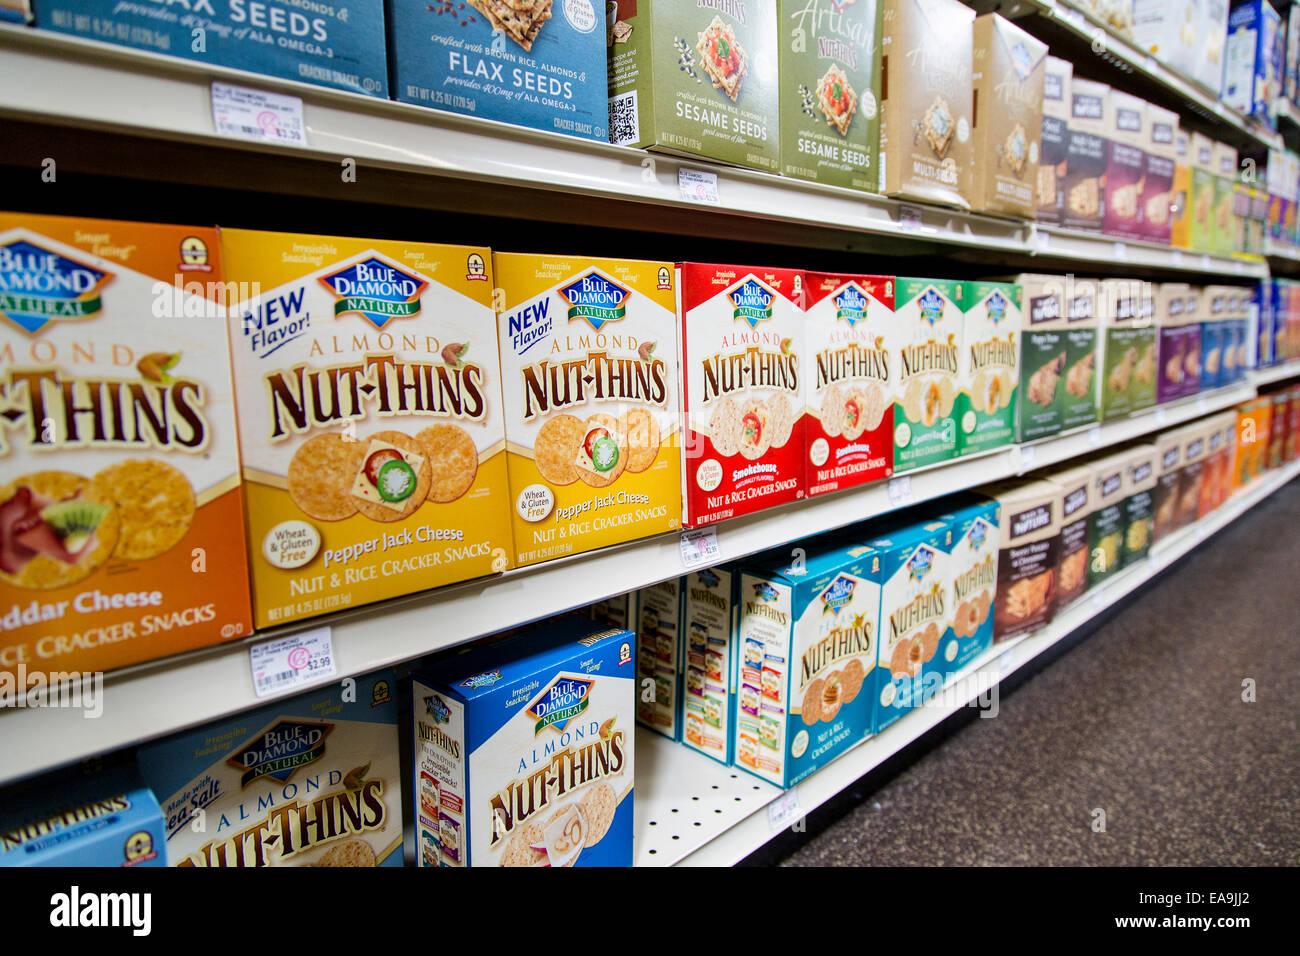 Scatole di diamante blu Nut-Thins sedersi sugli scaffali dei negozi di alimenti naturali store. Immagini Stock